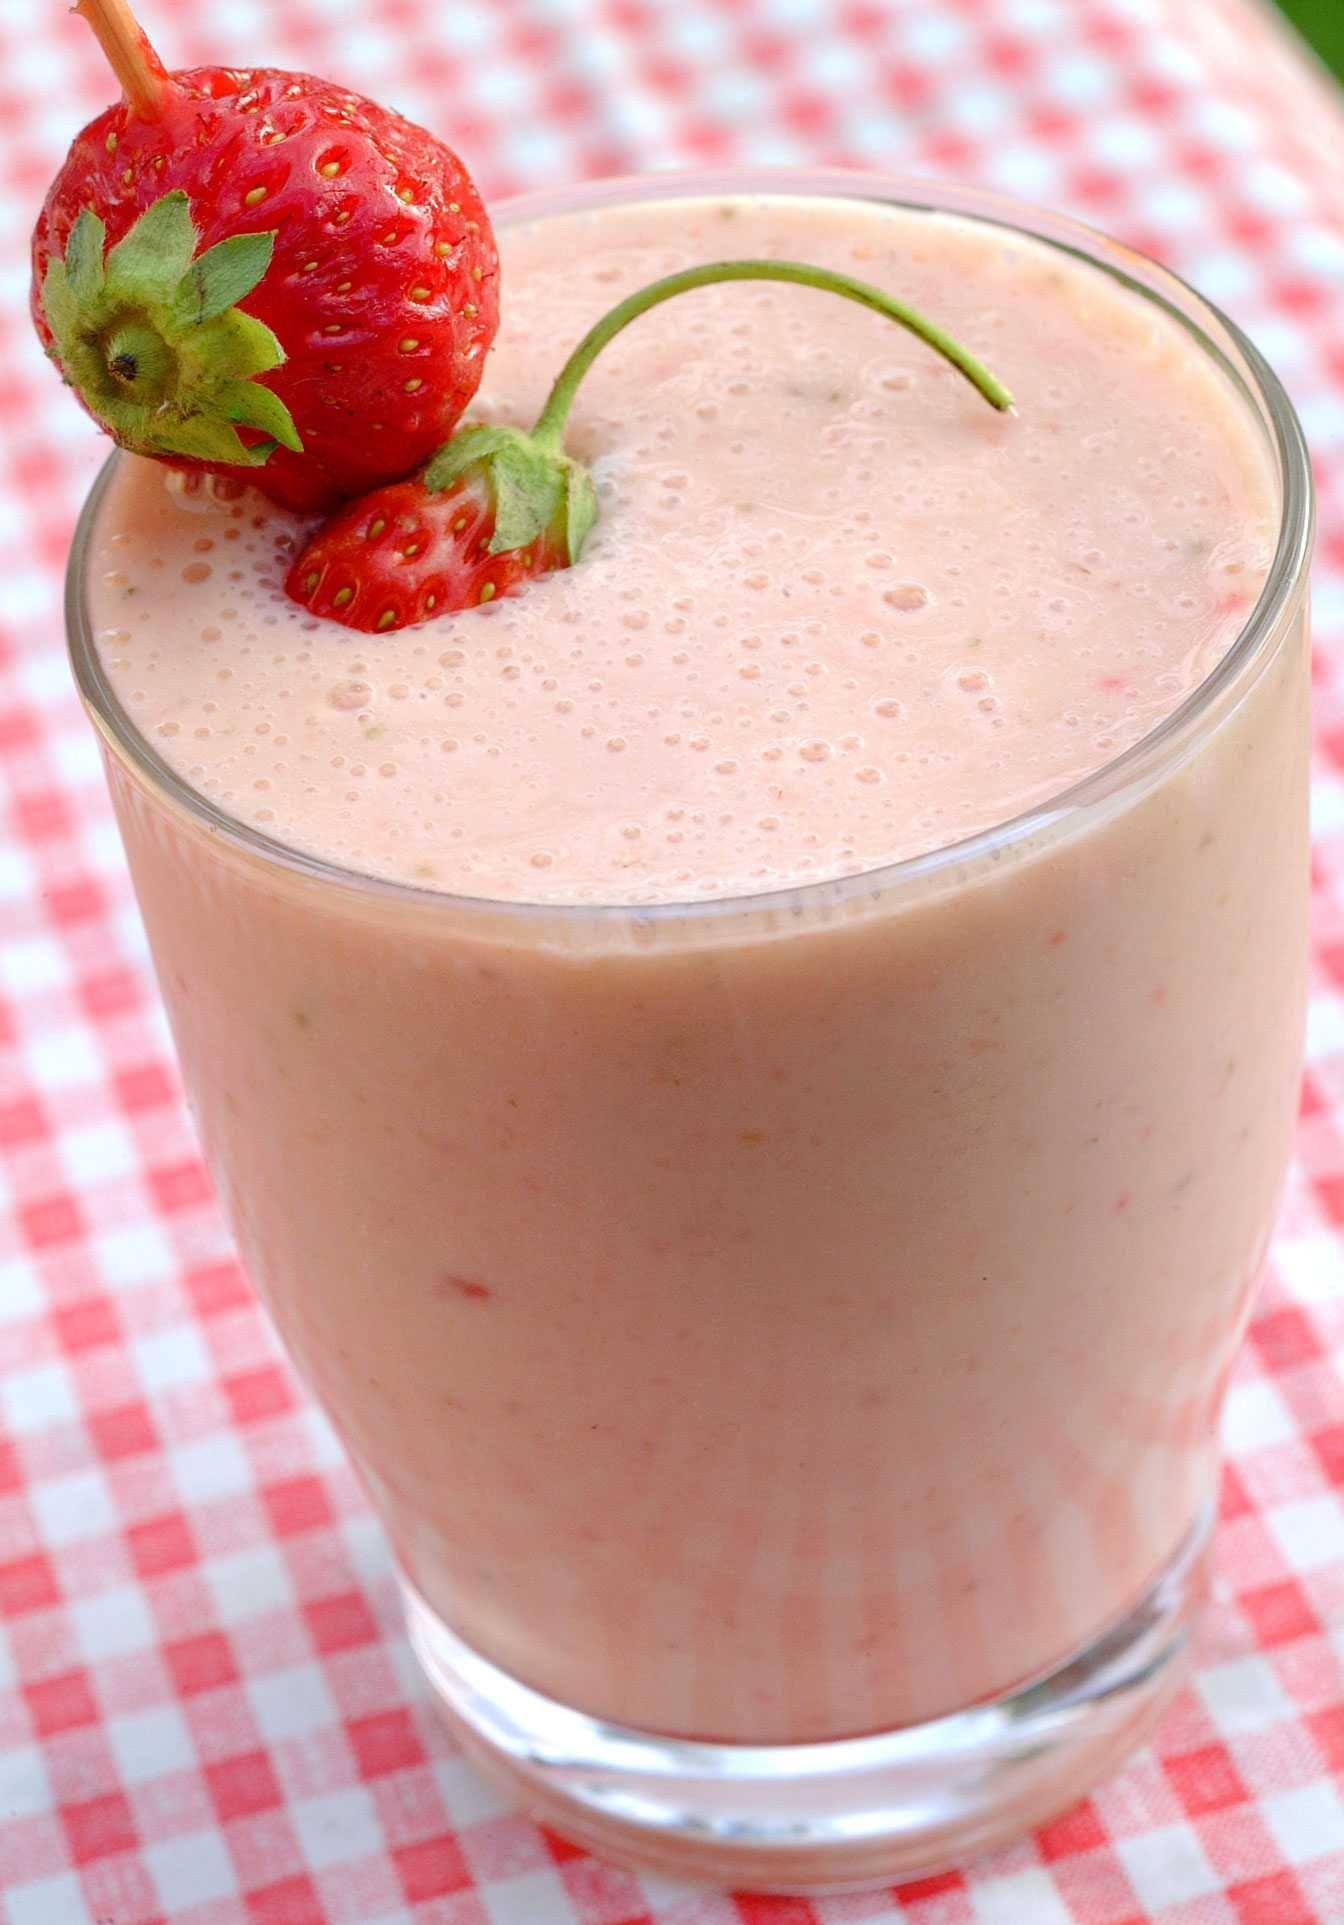 Herlig og kald fruktsmoothie smaker deilig i sola. Men den forfriskende drikken gjør seg også godt som et mellommåltid eller dessert.